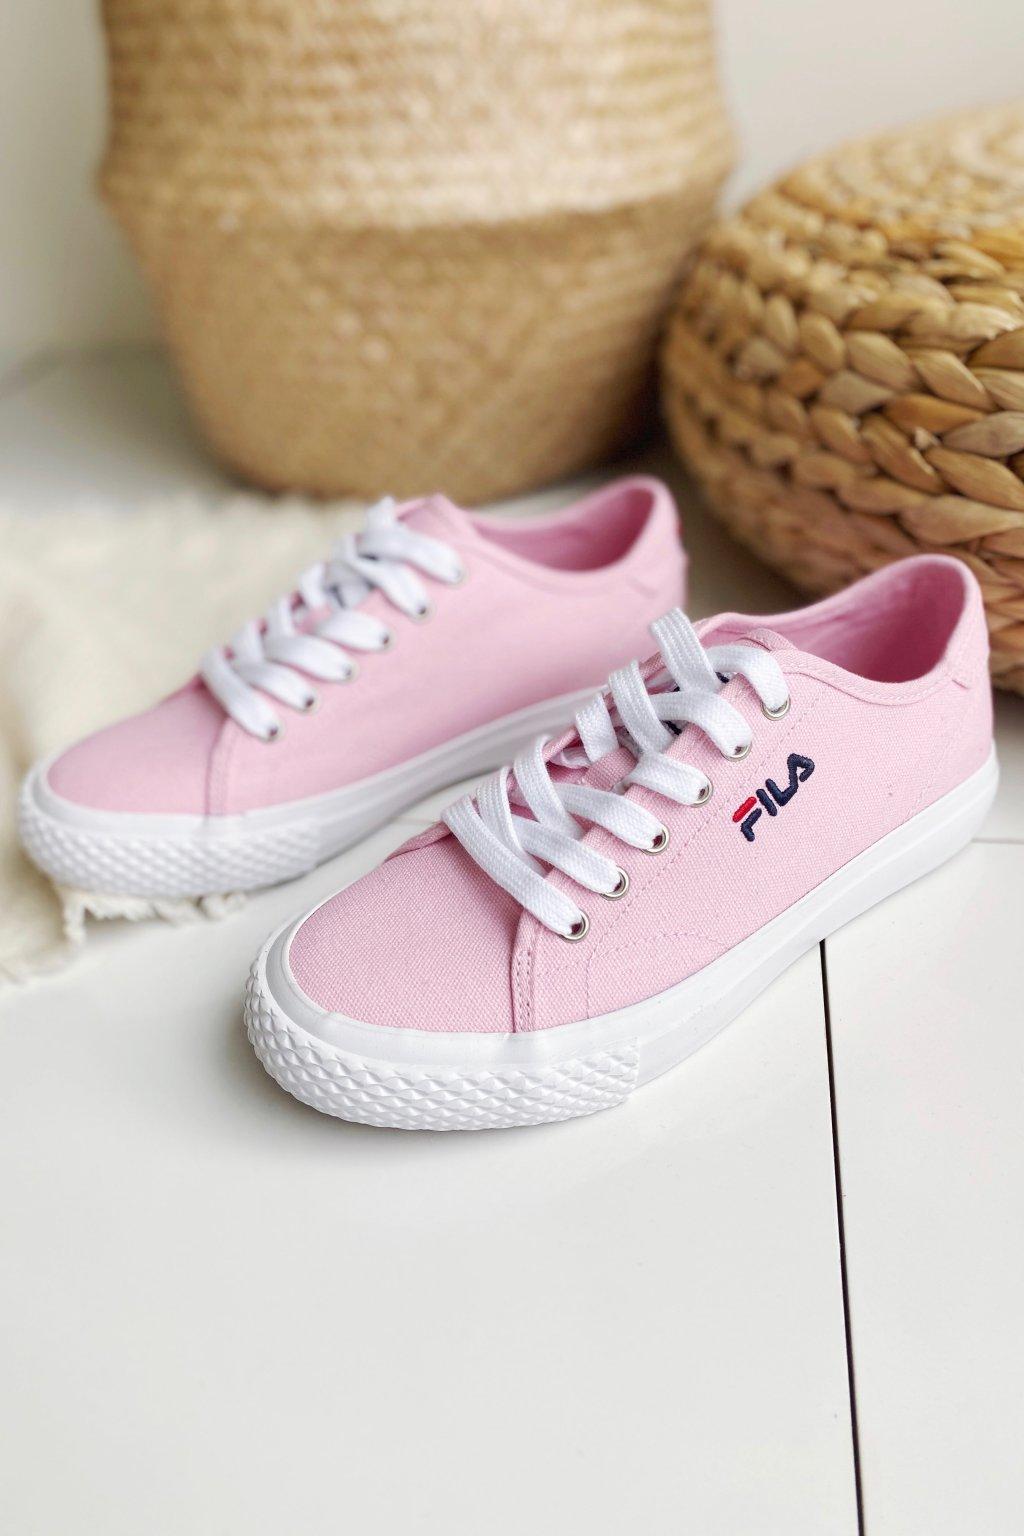 FILA Pointer Classic tenisky dámské - růžové (Velikost 40)